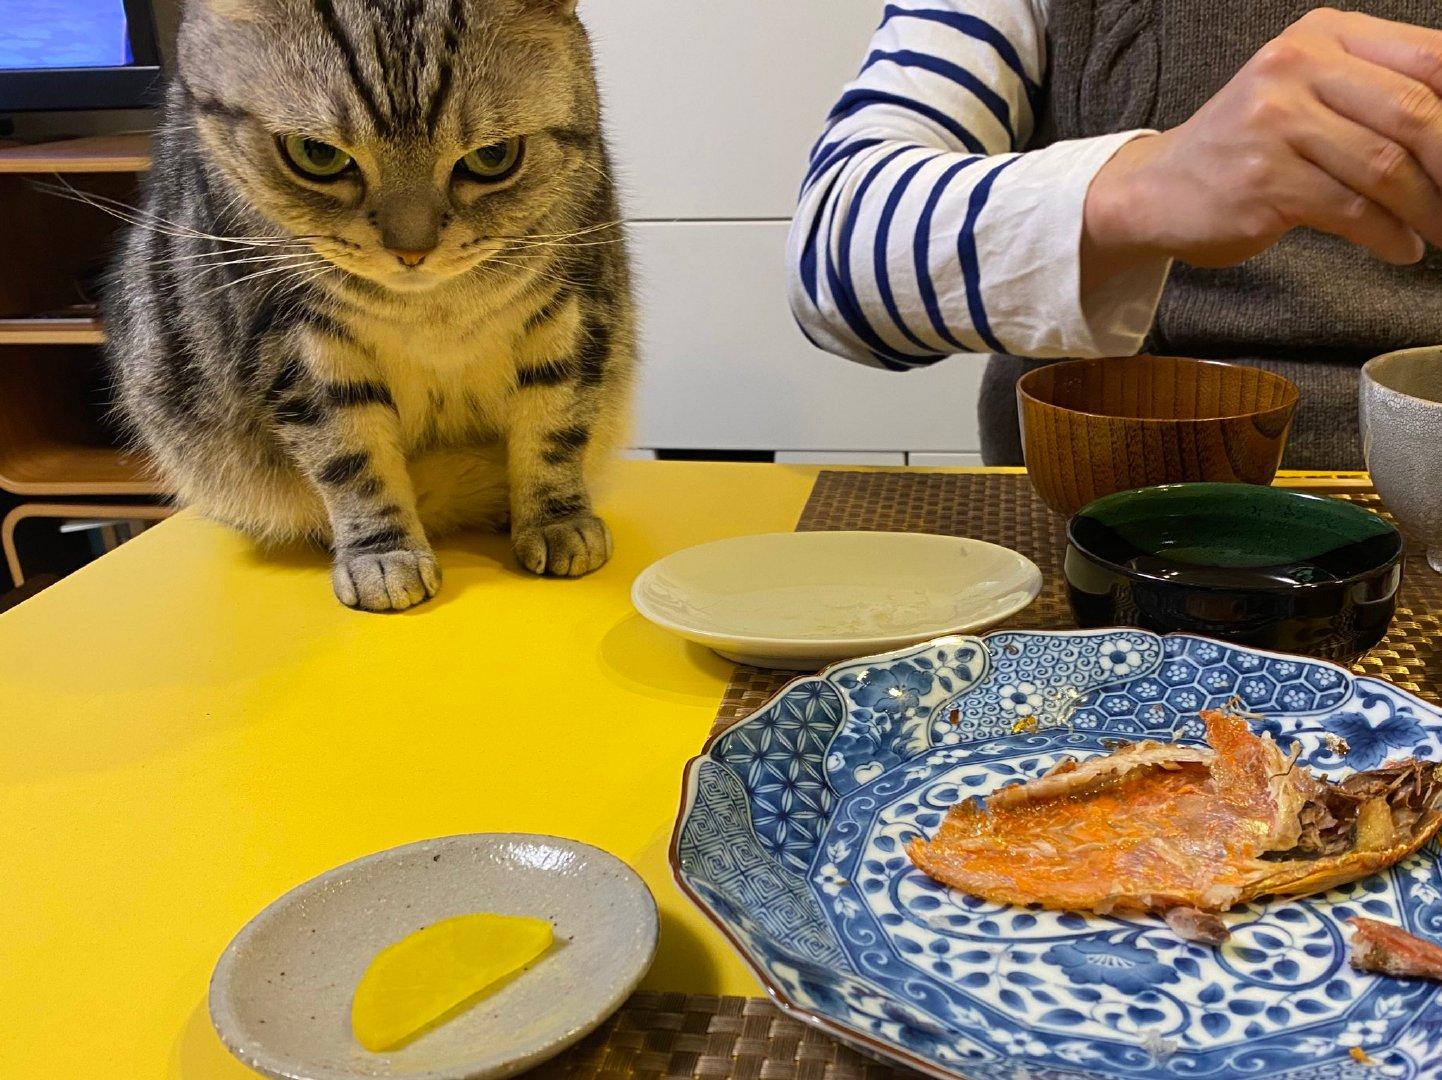 猫咪一直盯着饭桌上的鲷鱼干!by/twitter/gentlerain0